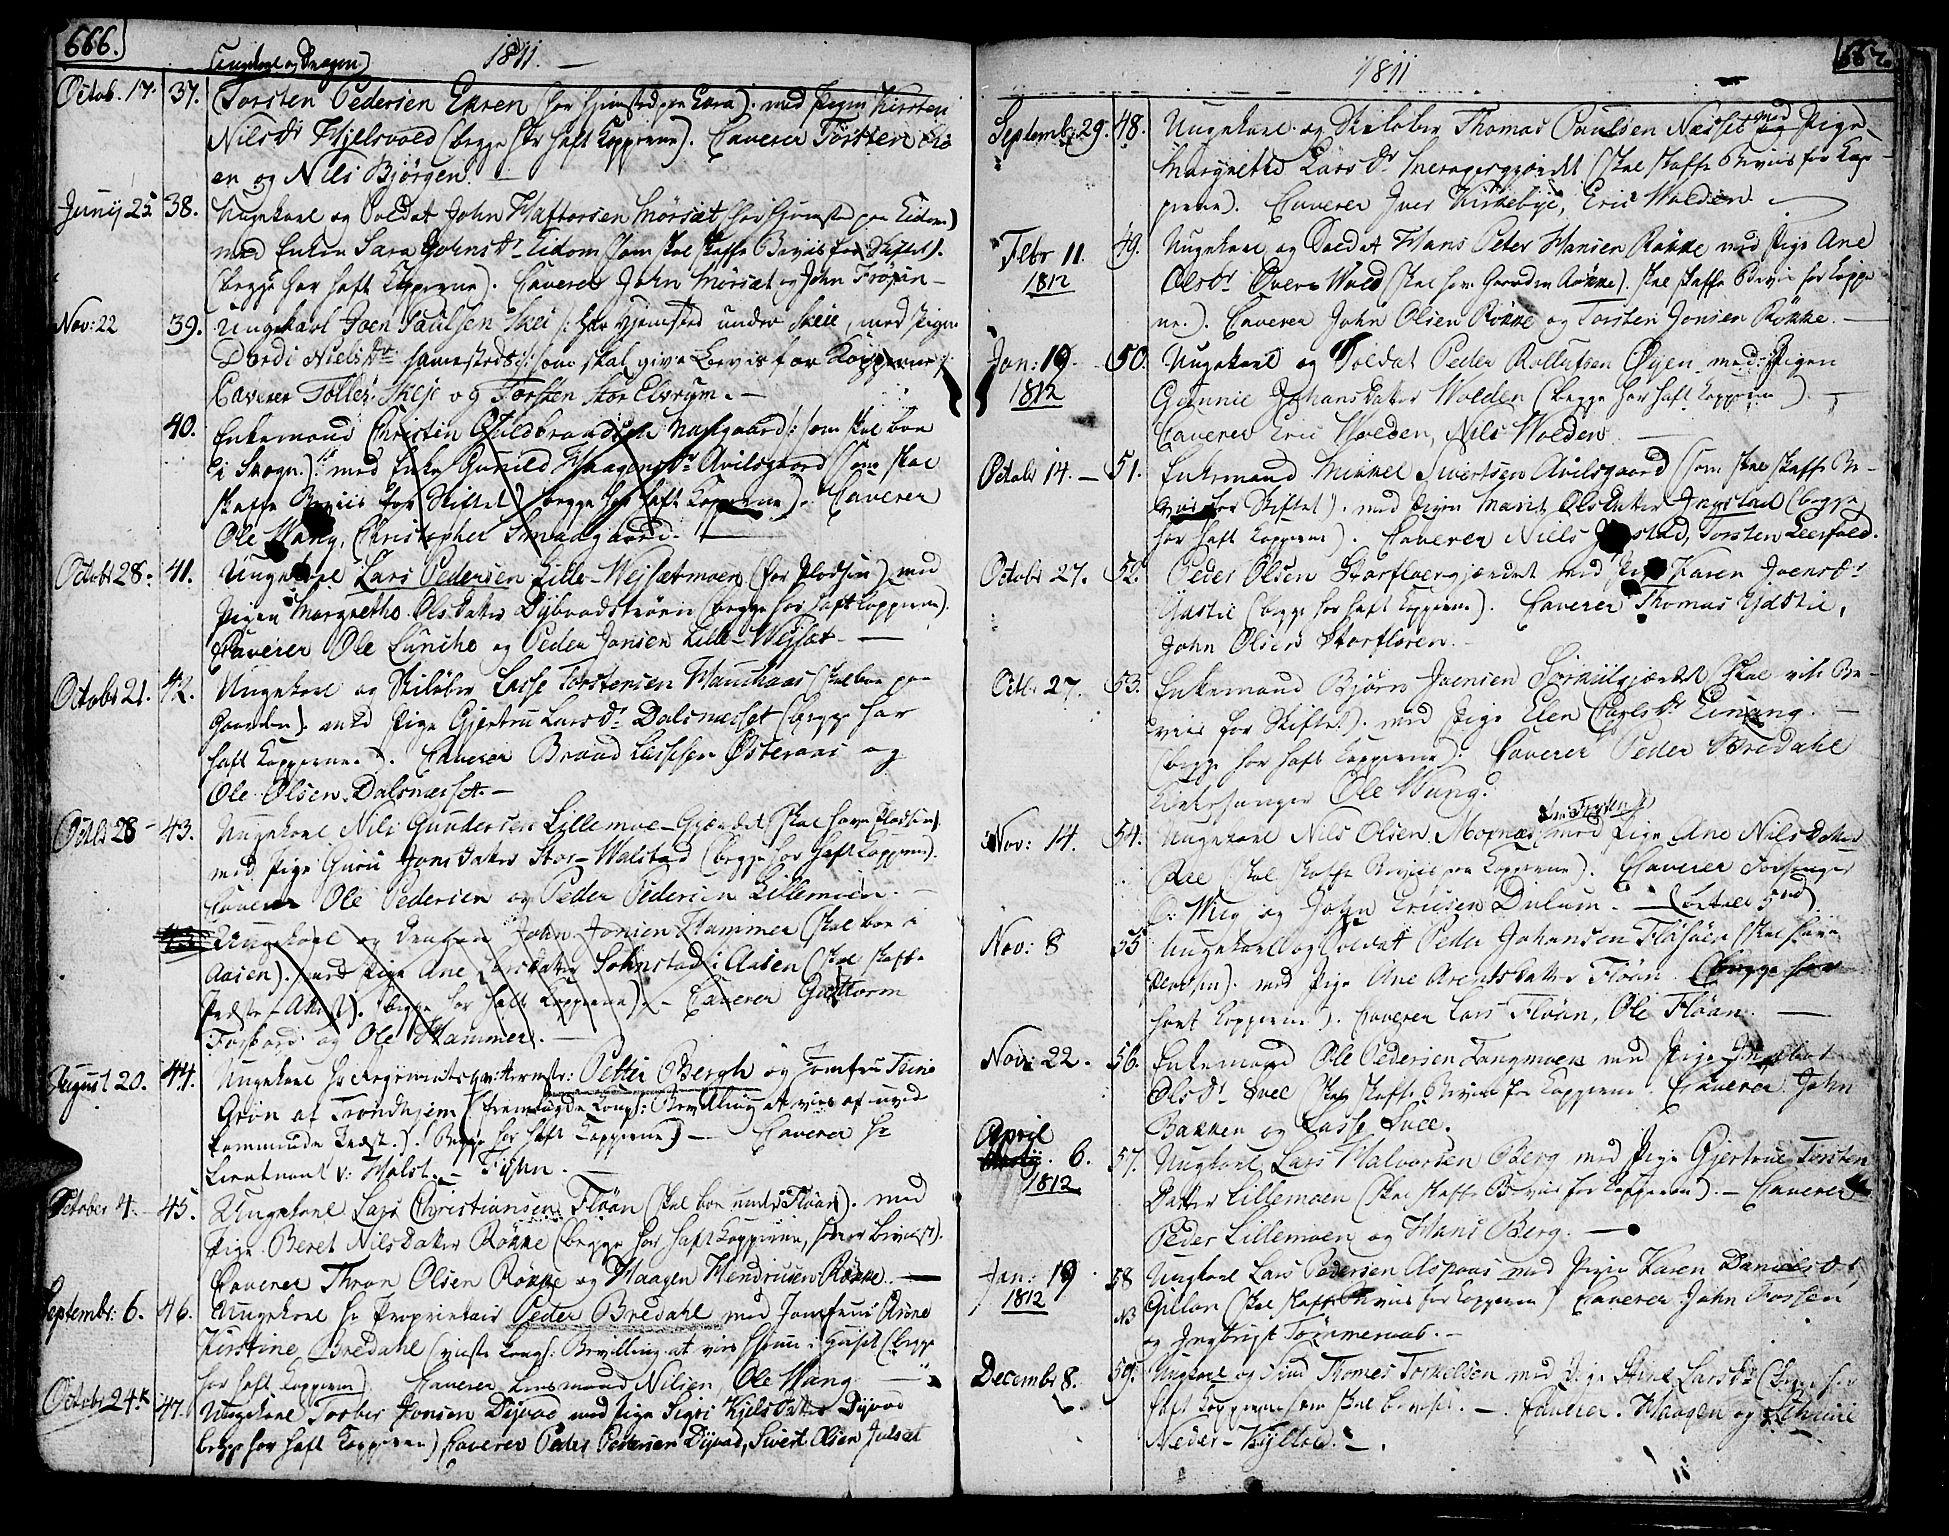 SAT, Ministerialprotokoller, klokkerbøker og fødselsregistre - Nord-Trøndelag, 709/L0060: Ministerialbok nr. 709A07, 1797-1815, s. 666-667